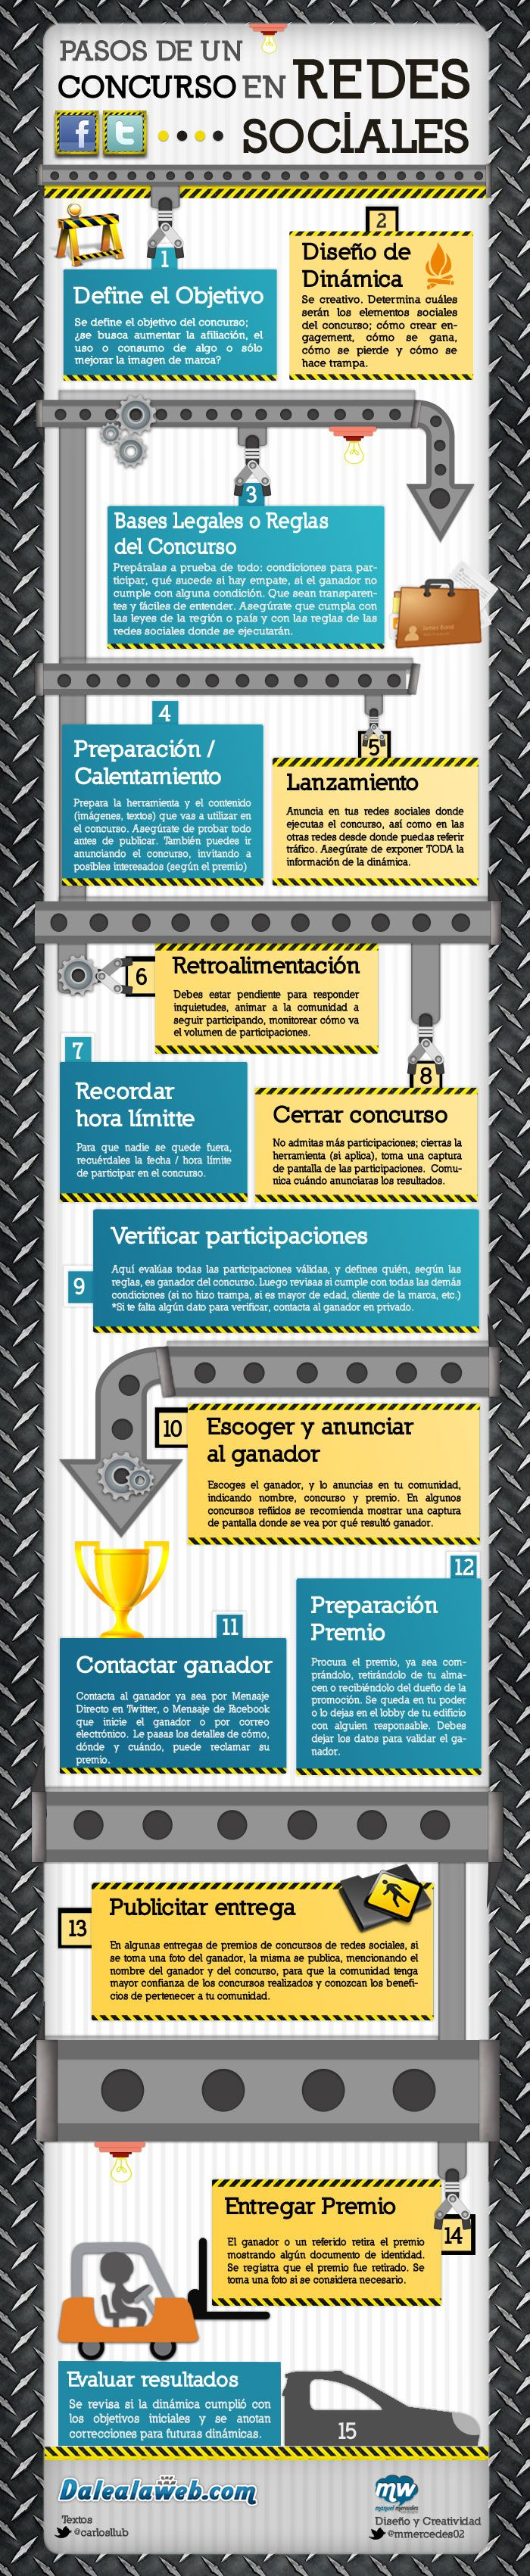 Pasos de un concurso en Redes Sociales #Infografía #sm